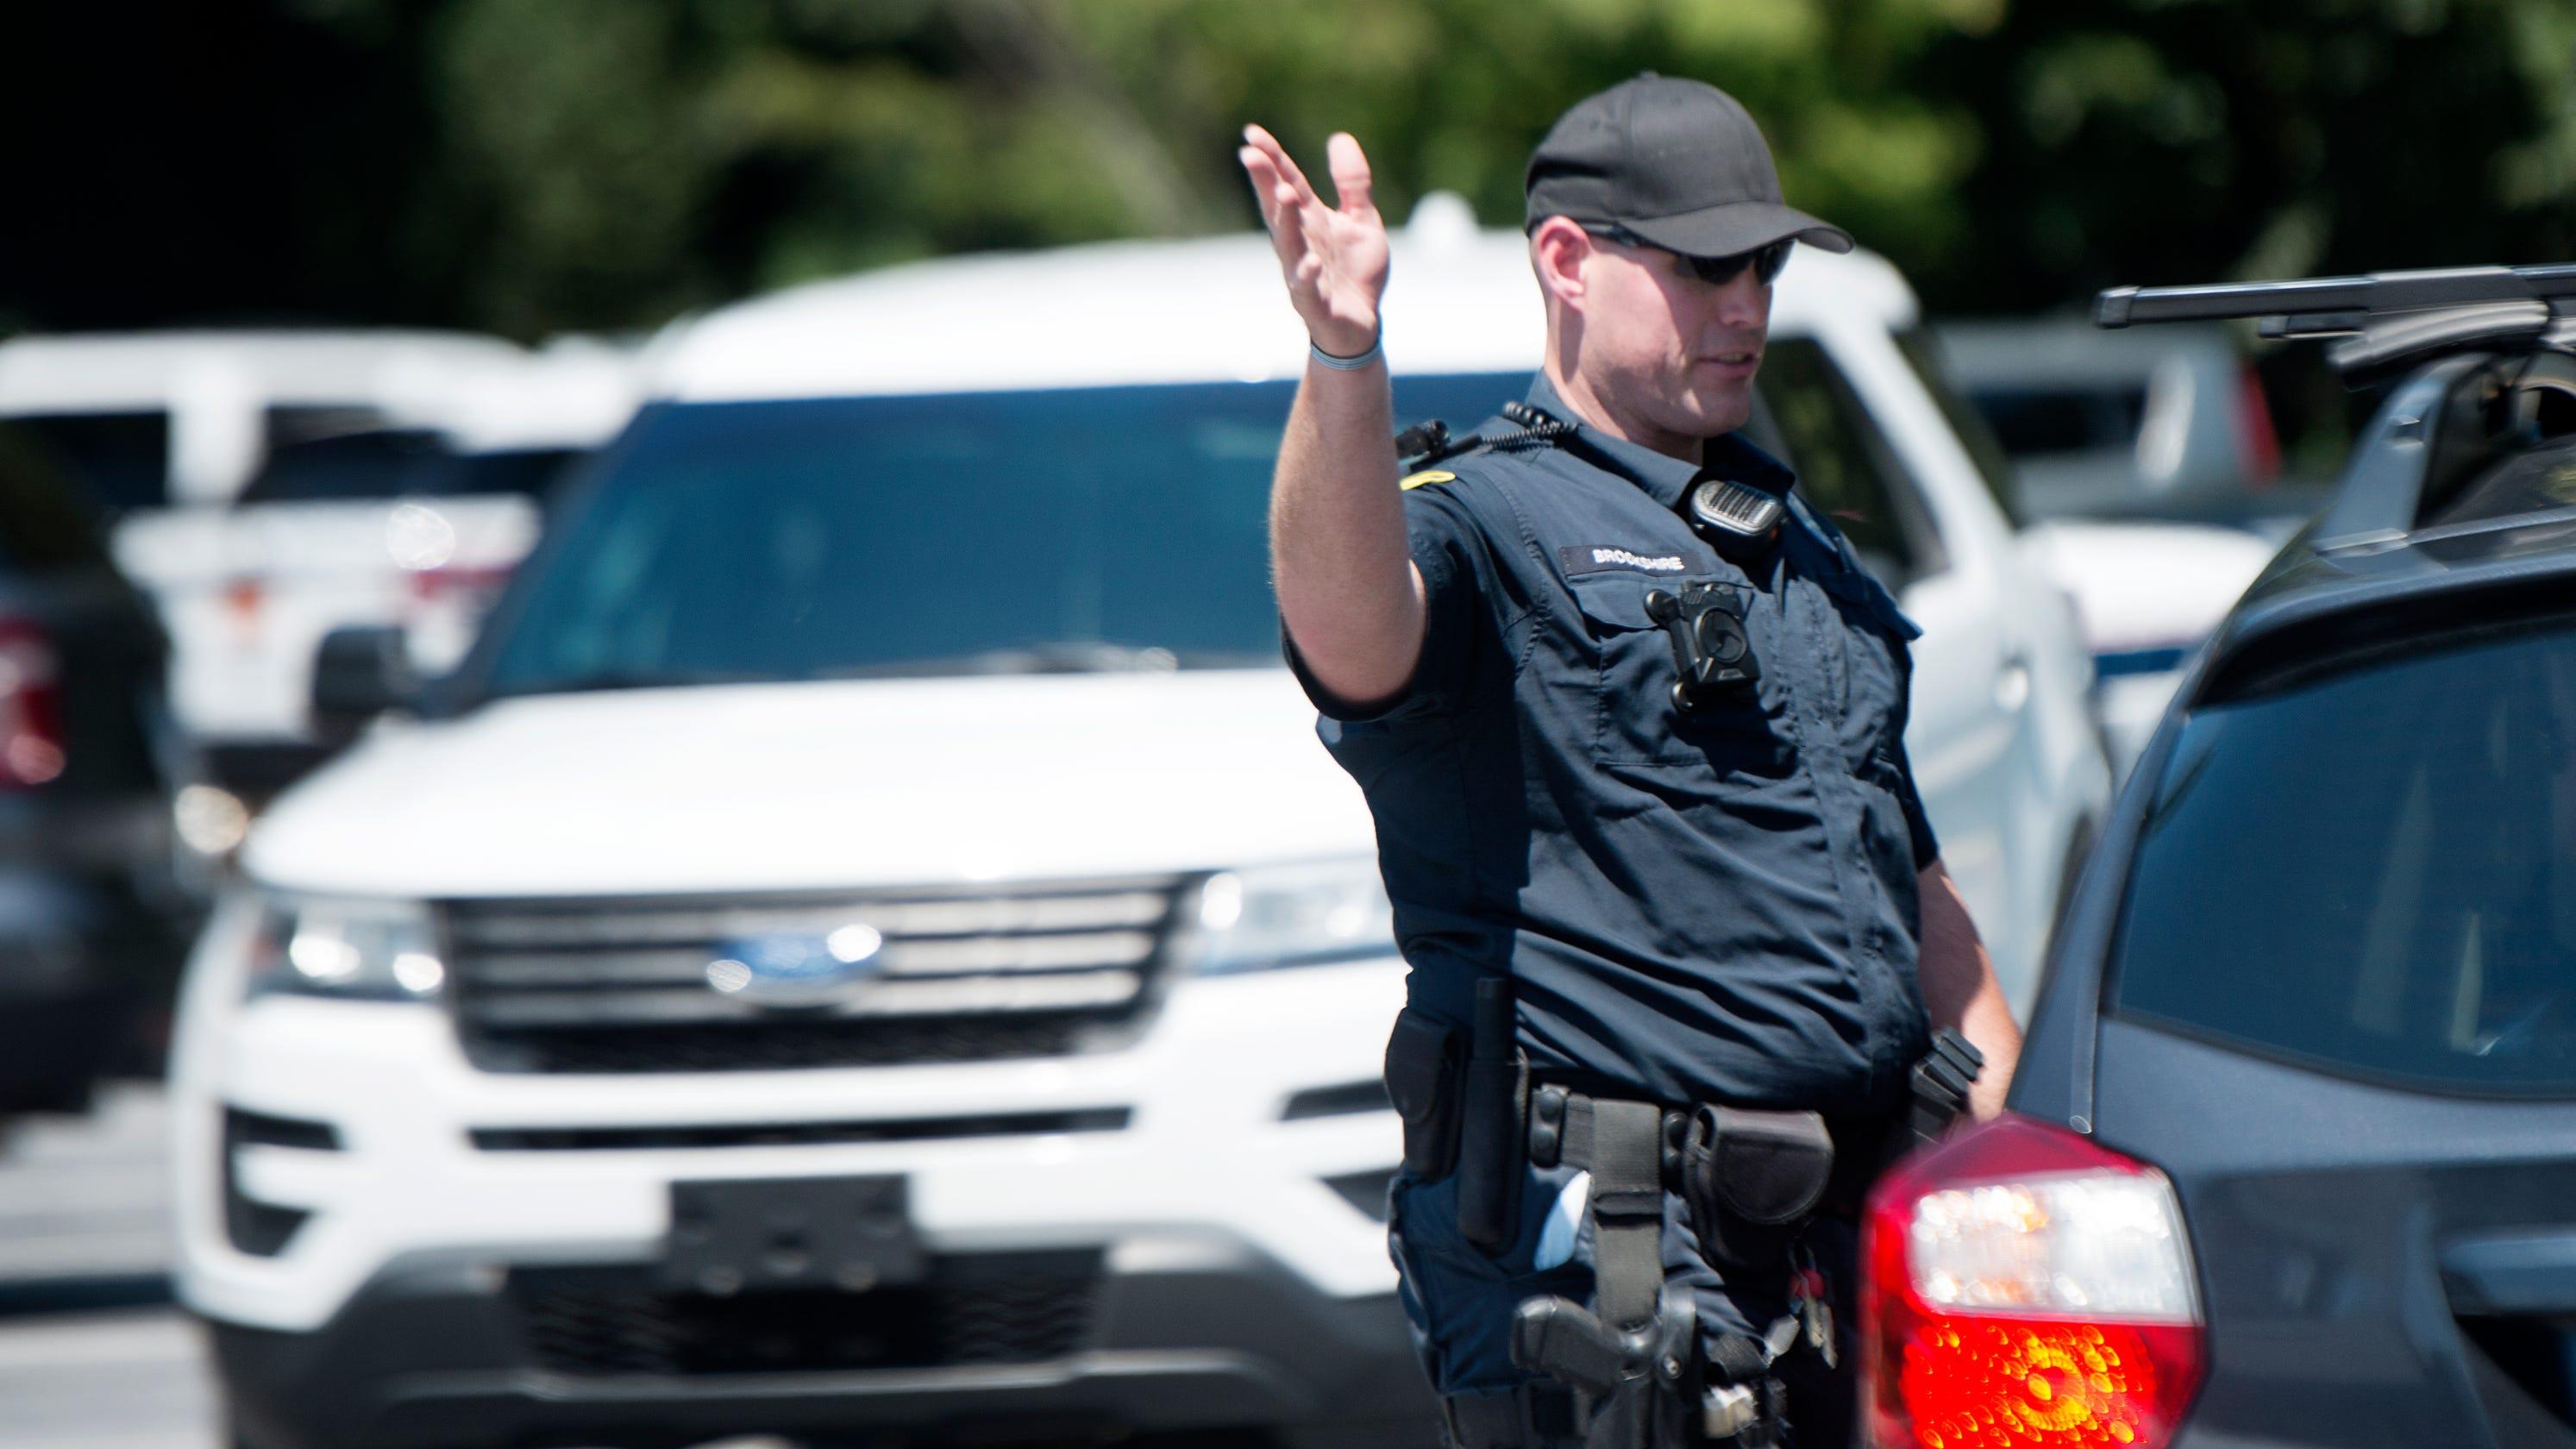 APD: 'Suspicious person' leads to Biltmore Village area lockdown